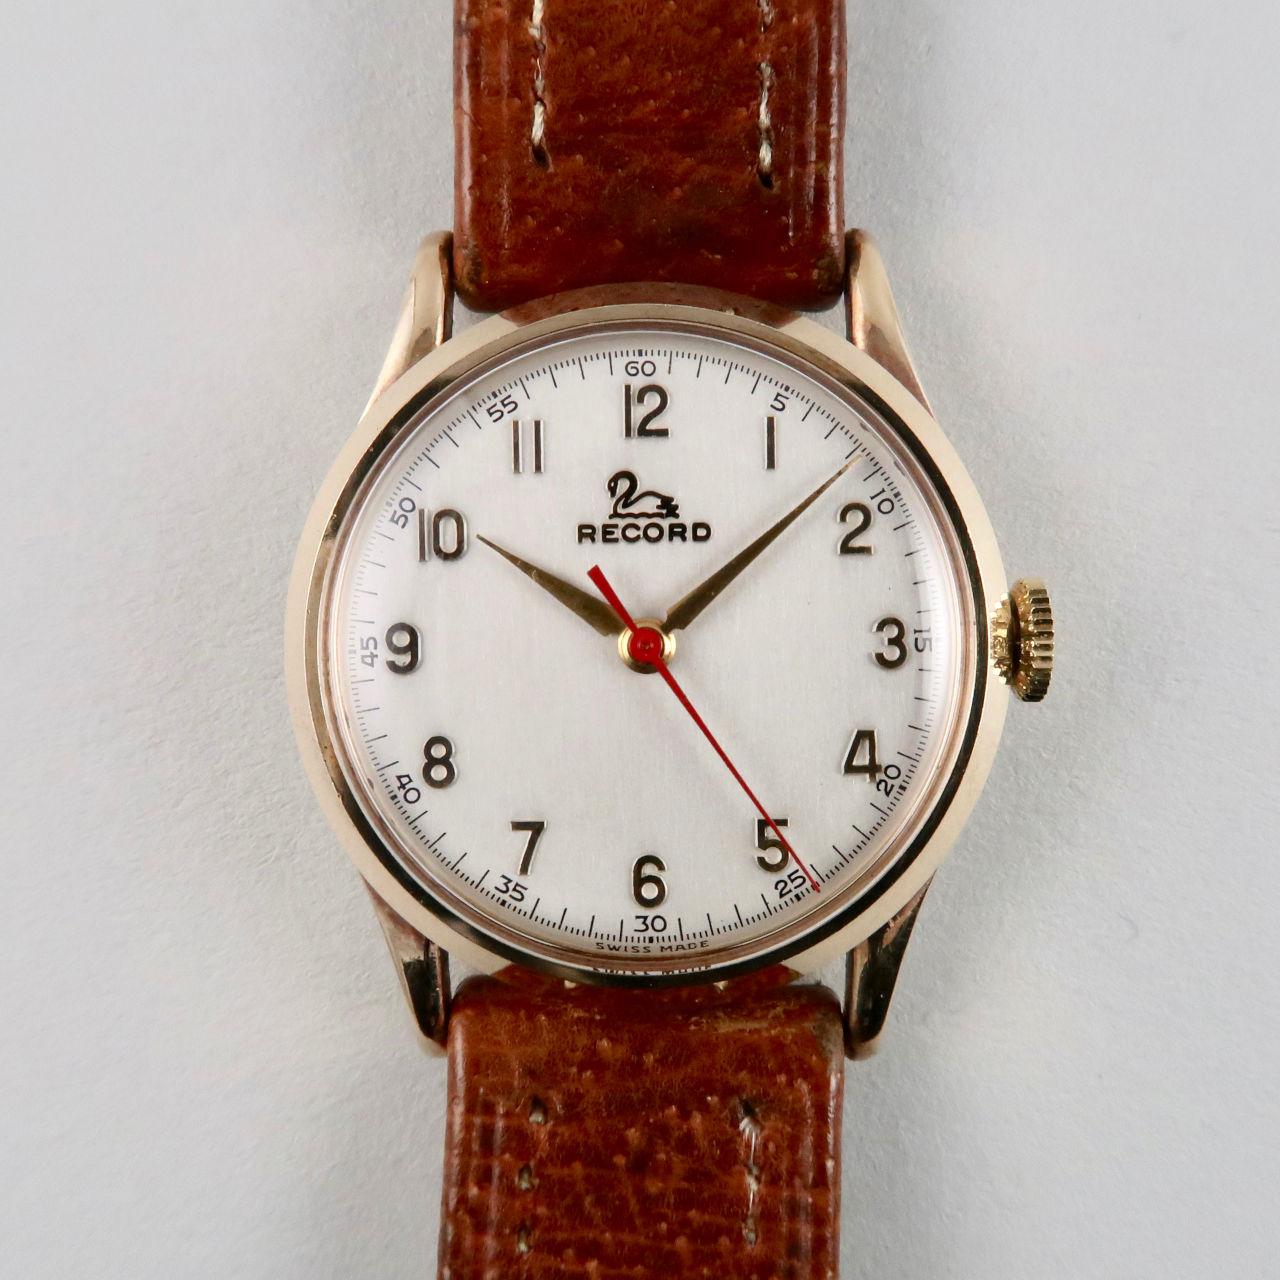 Record 9ct gold vintage wristwatch, hallmarked 1954